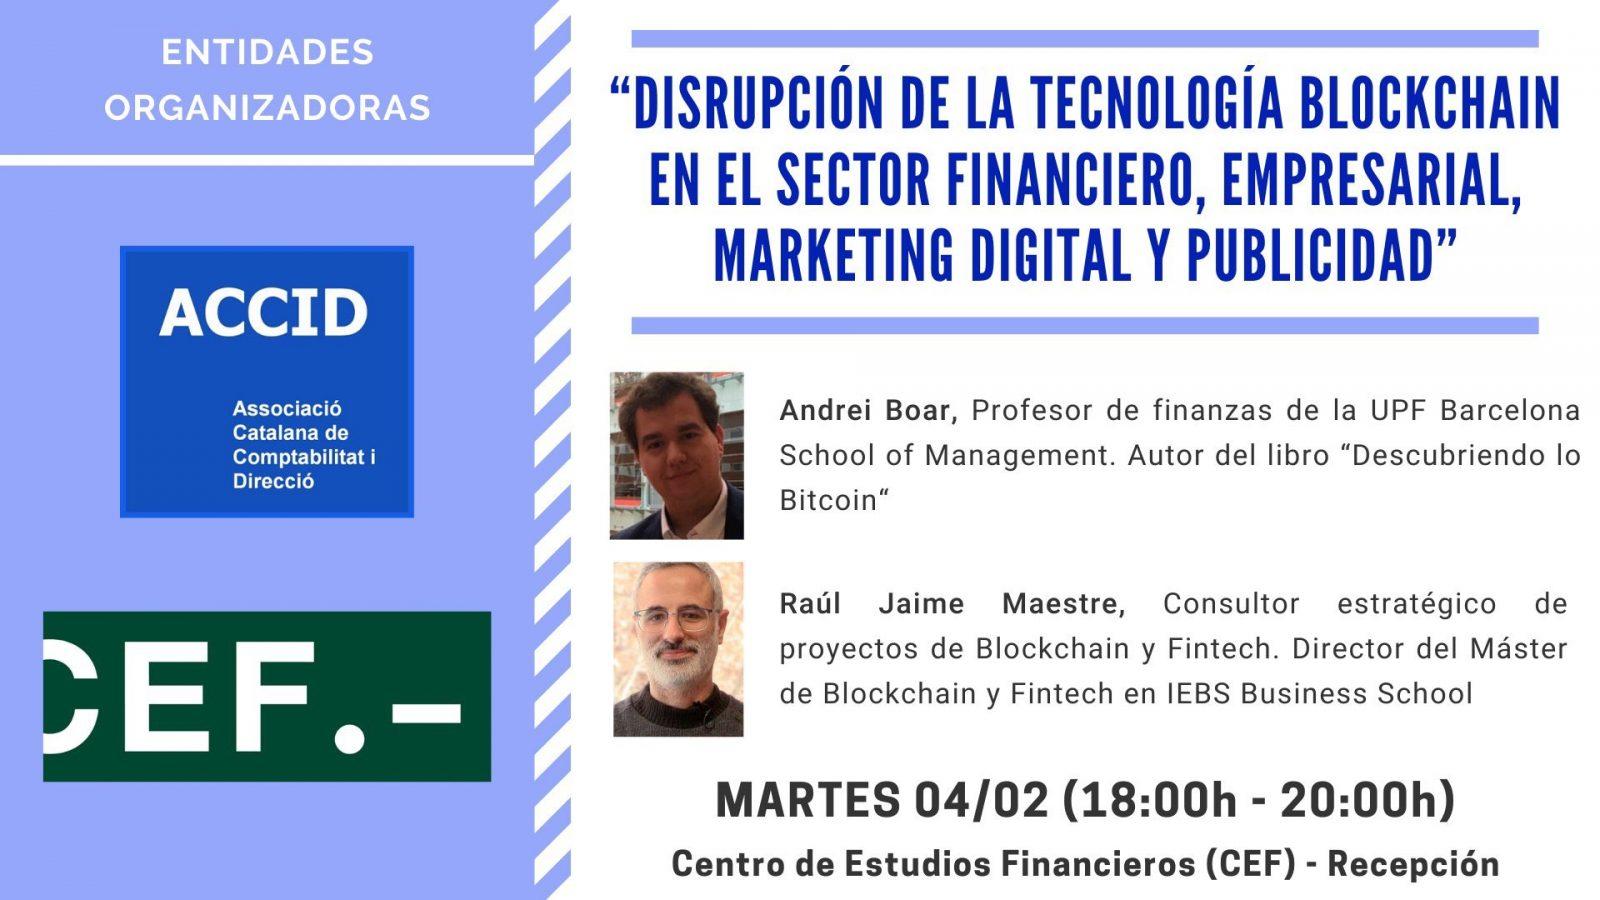 Disrupción de la tecnología Blockchain en el sector financiero, empresarial, marketing digital y publicidad CEF - UDIMA